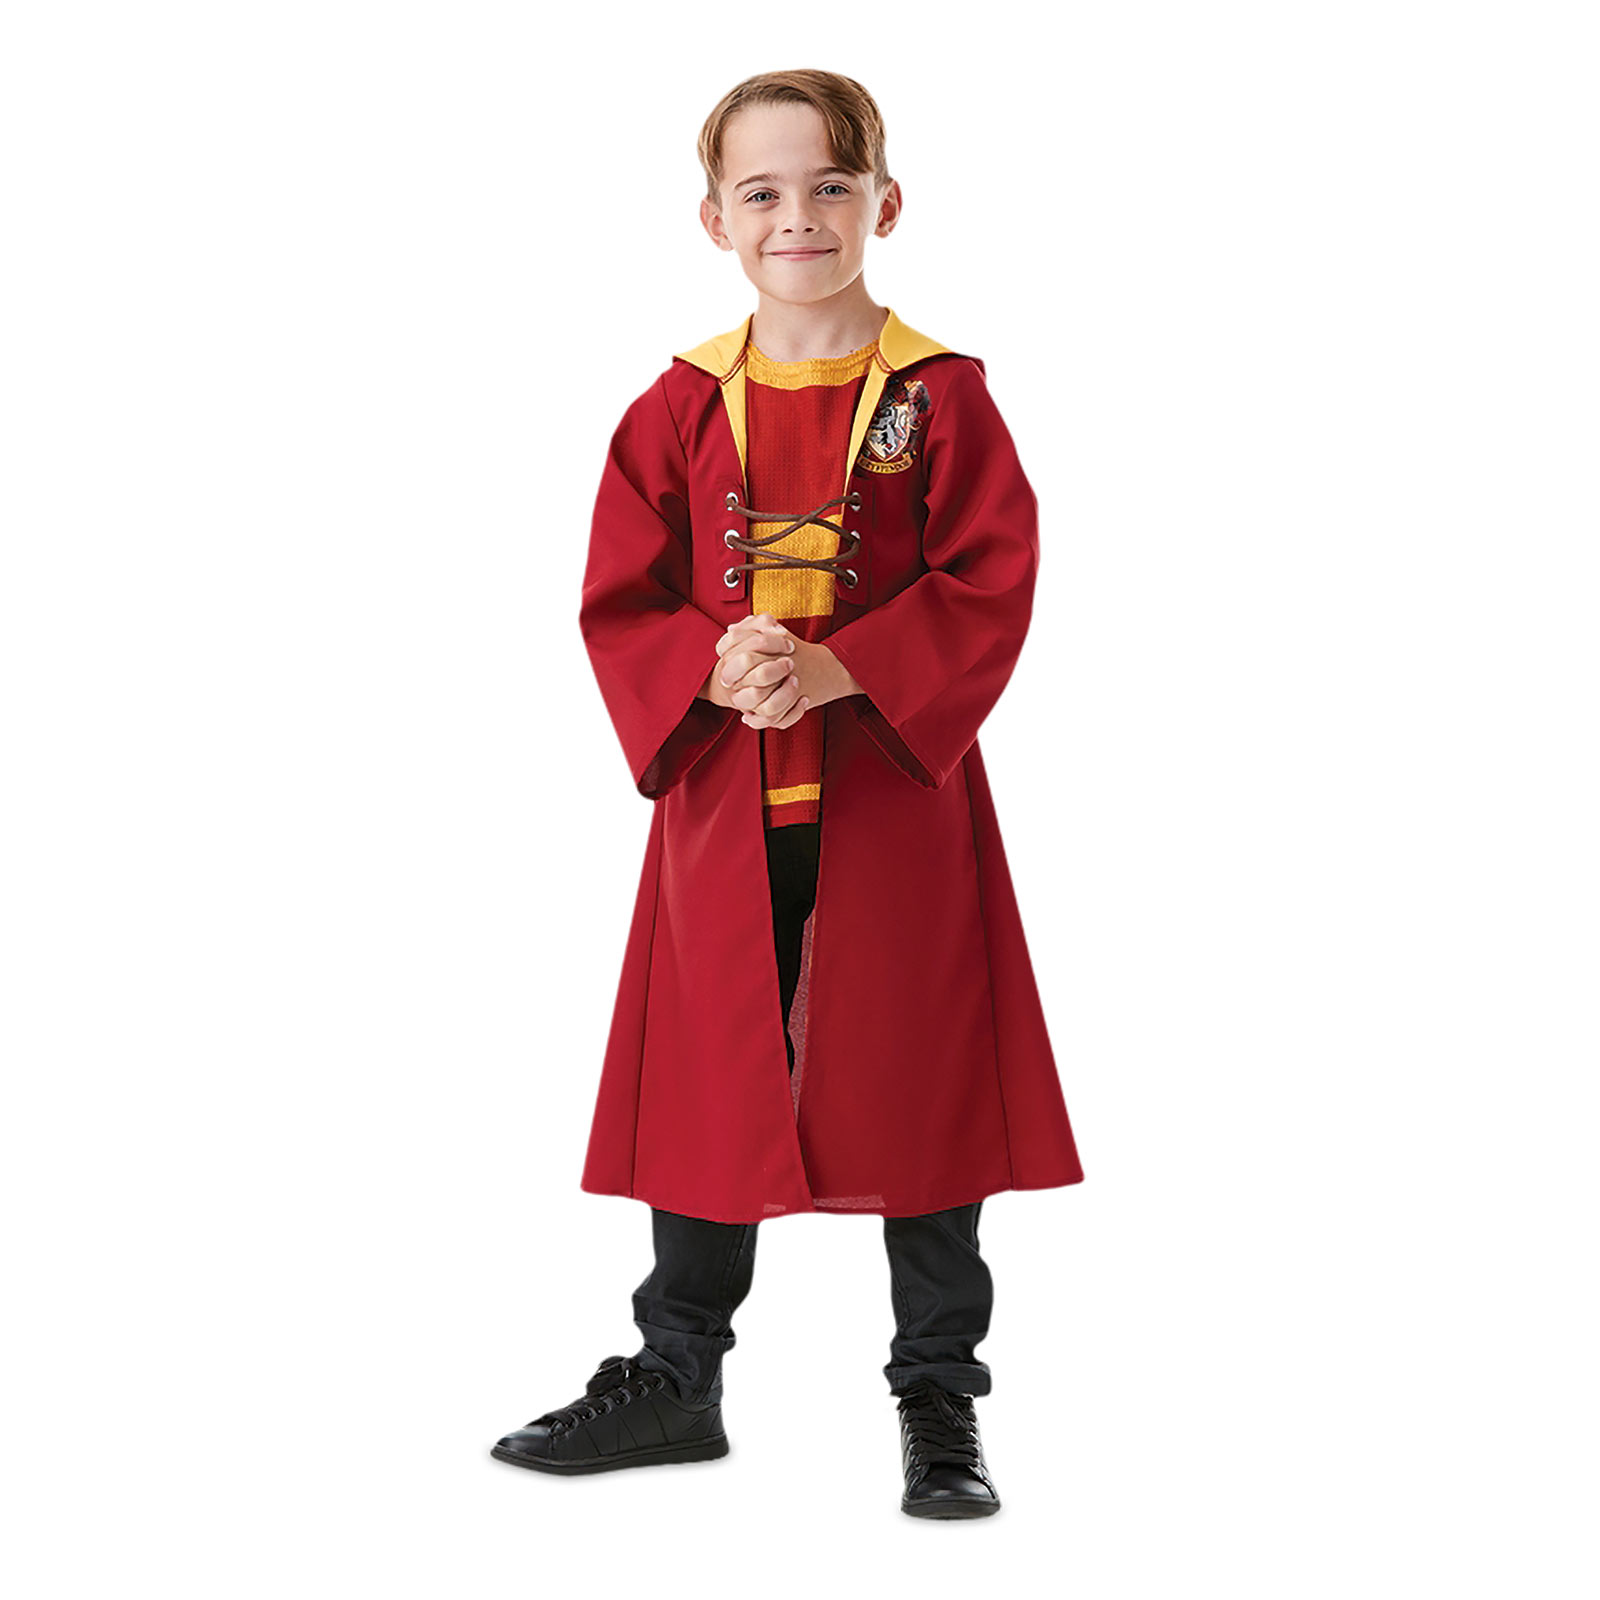 Harry Potter - Gryffindor Quidditch Robe Kinder Kostüm